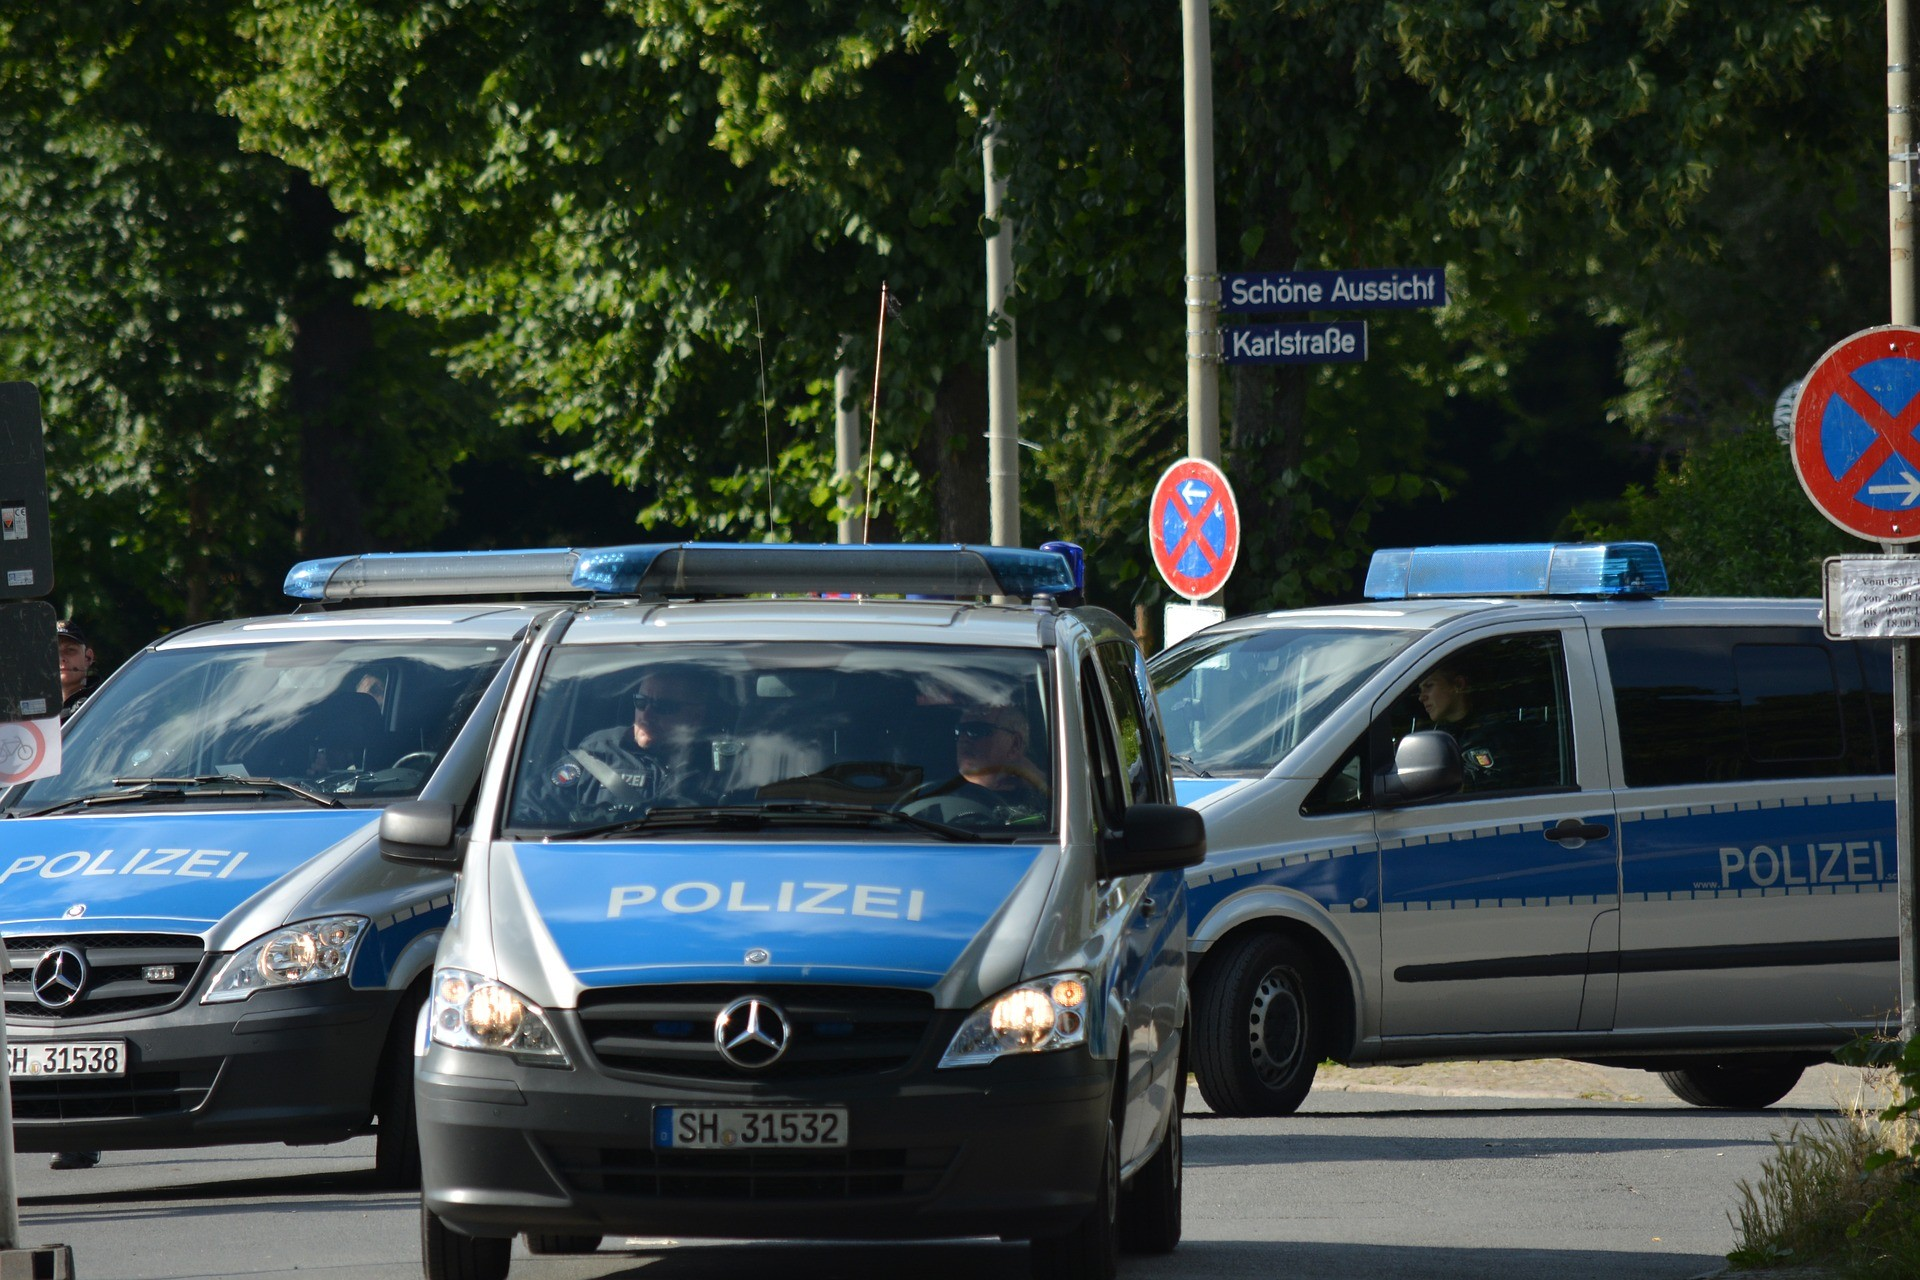 Bestechung der Polizei?